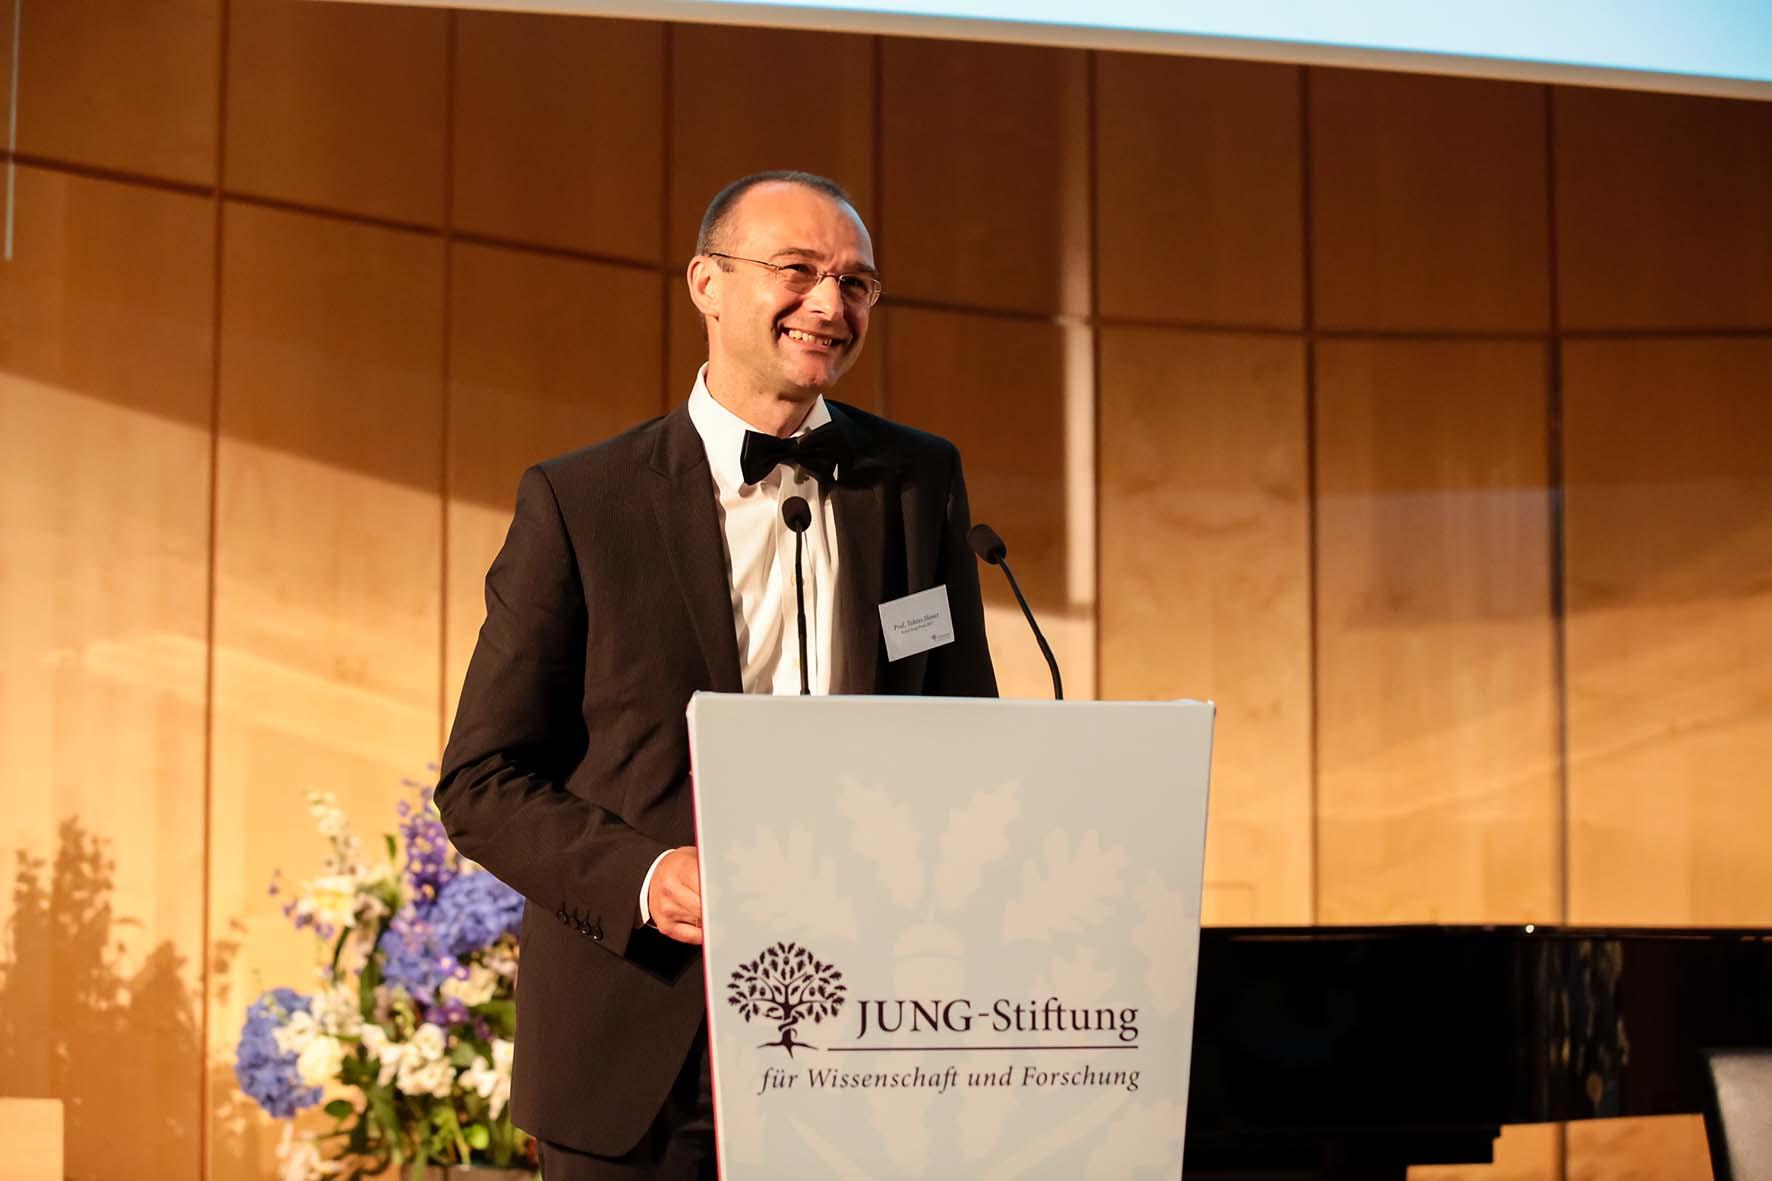 Professor Dr. Tobias Moser